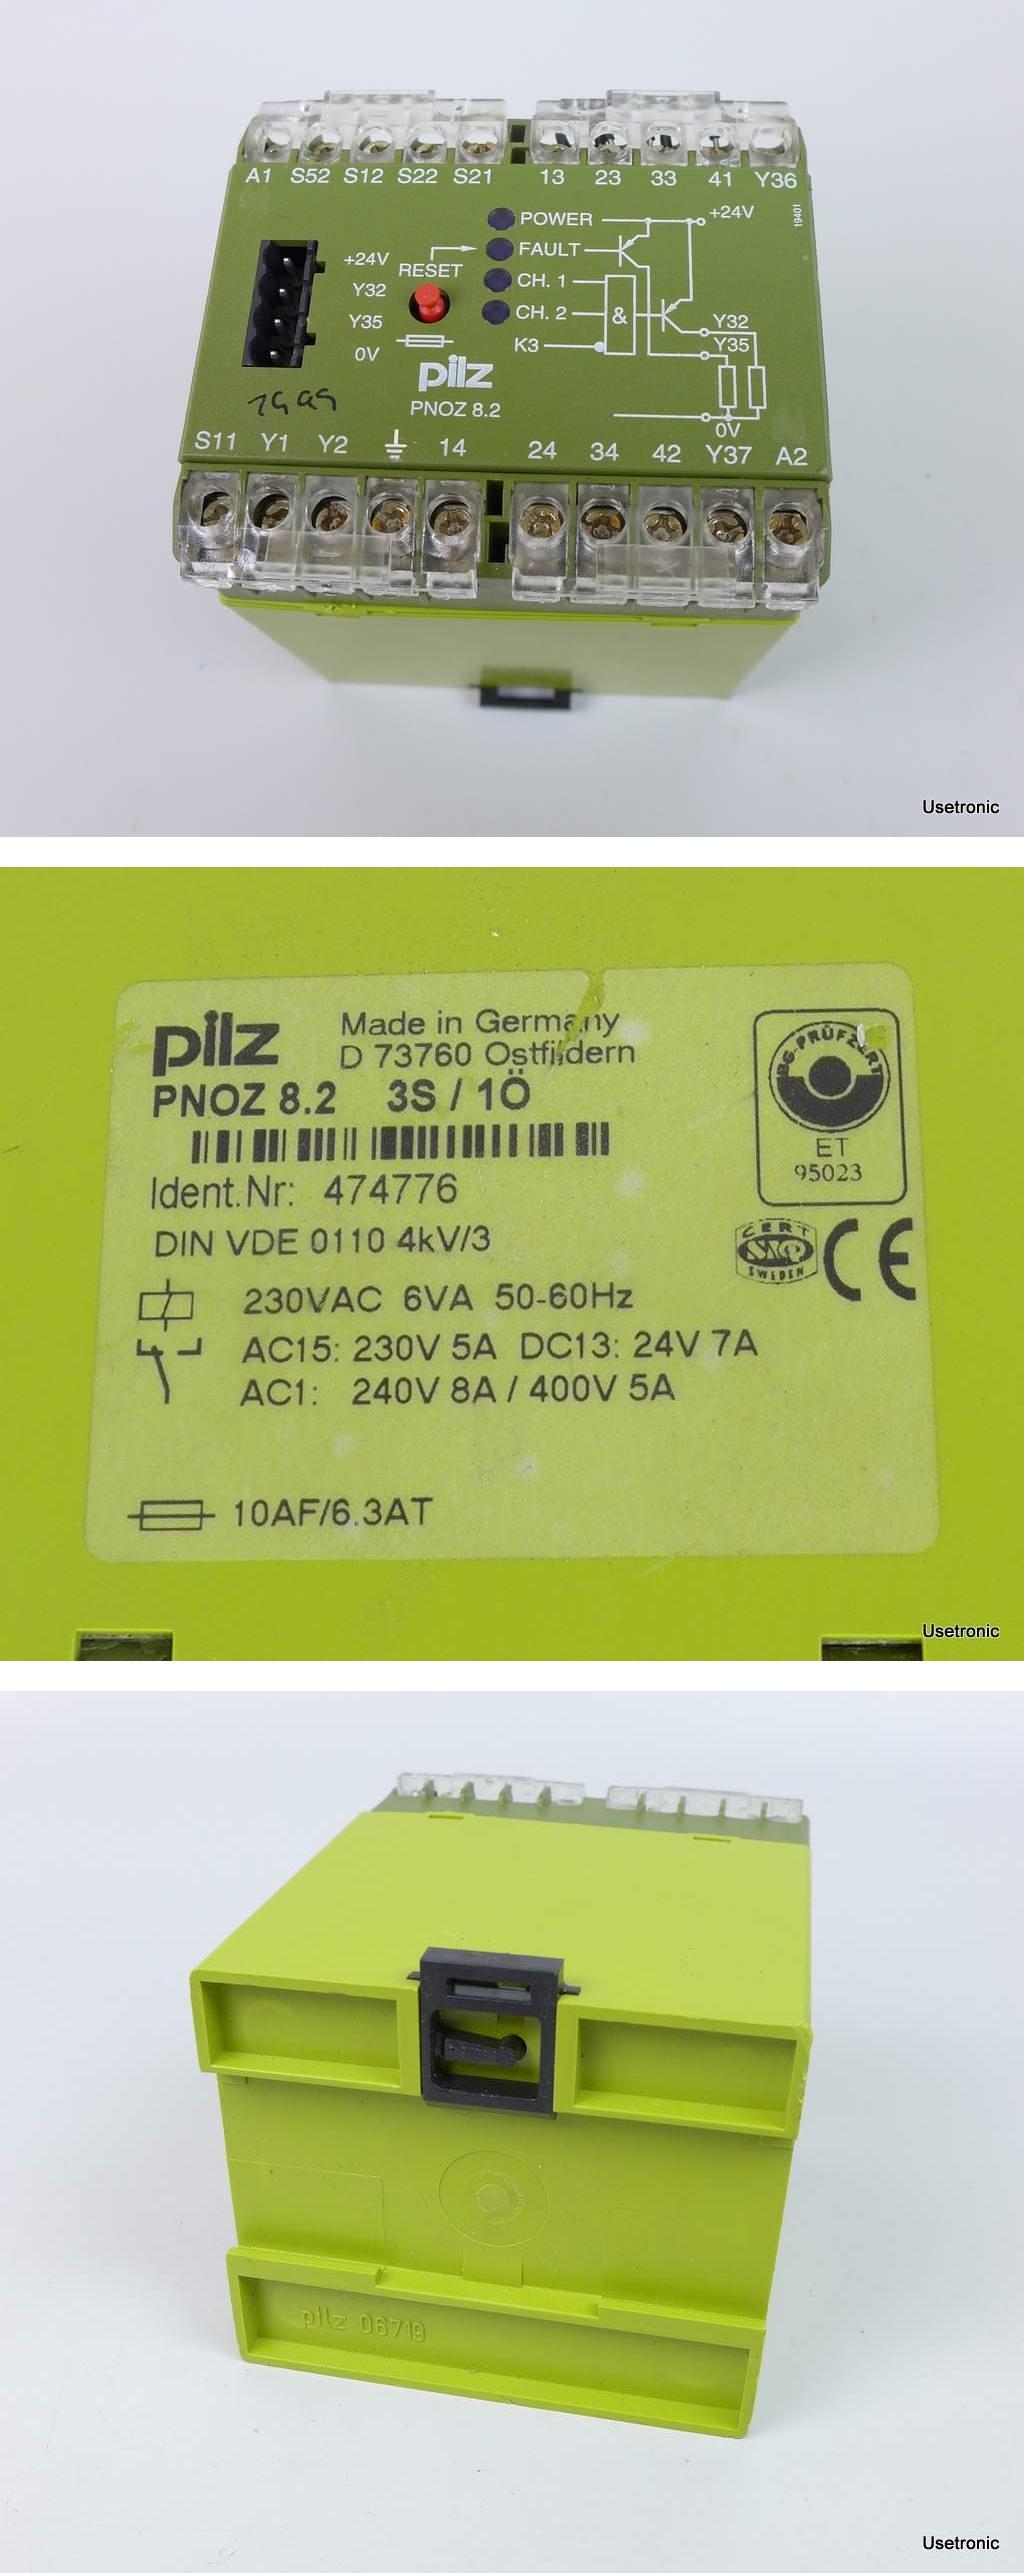 Pilz Pilz Pnoz 8.2 474776